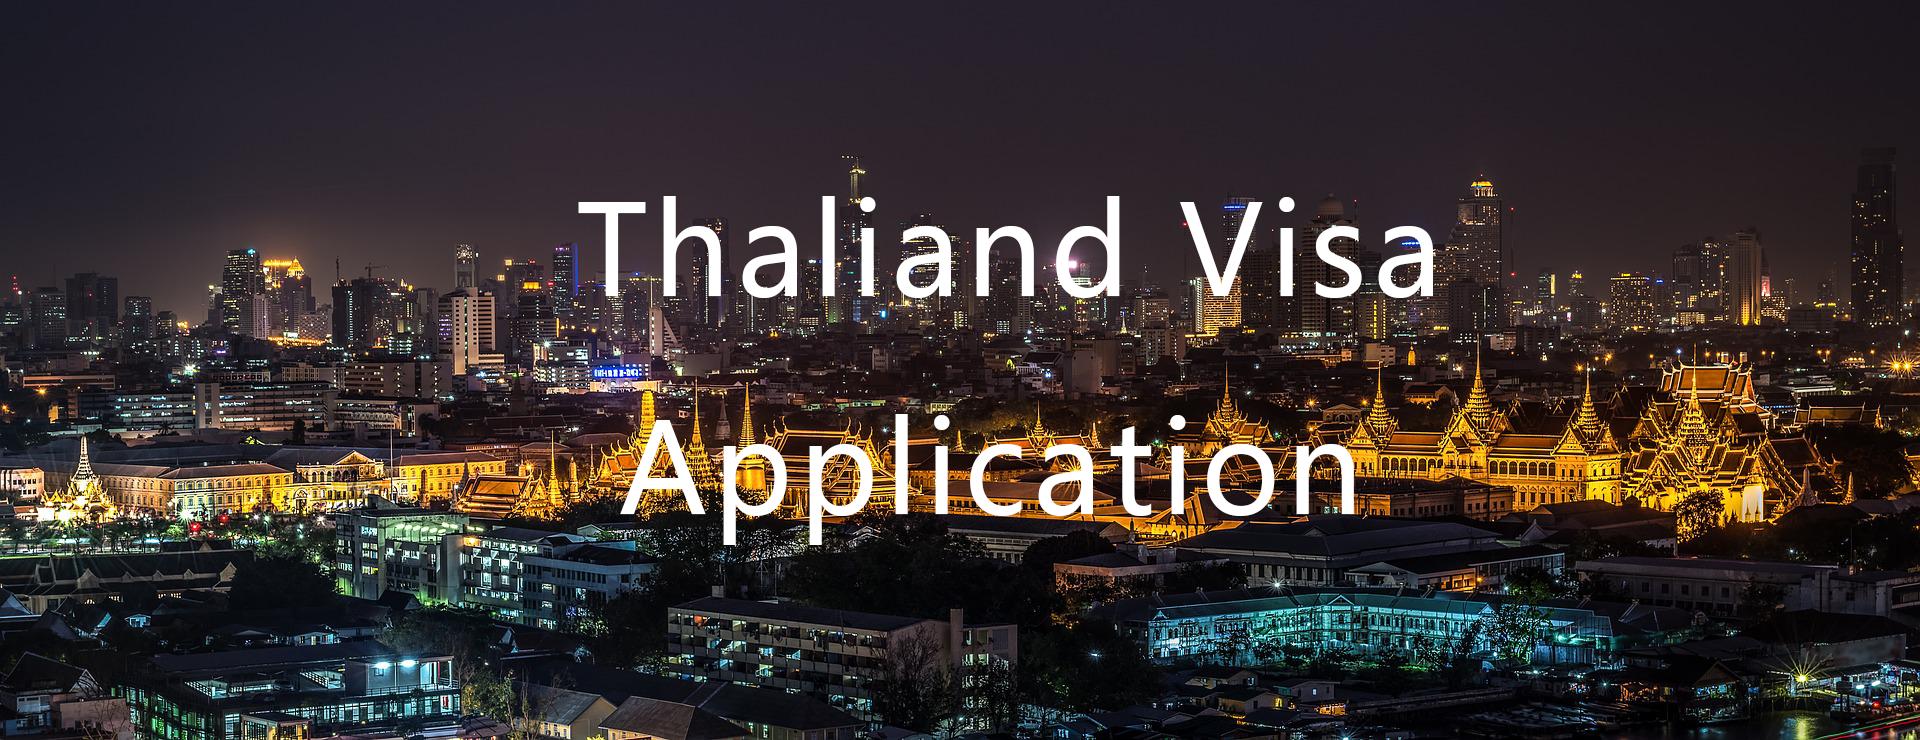 泰國簽證一分鐘弄懂 落地簽觀光簽到底差在哪? 泰國曼谷自由行不求人